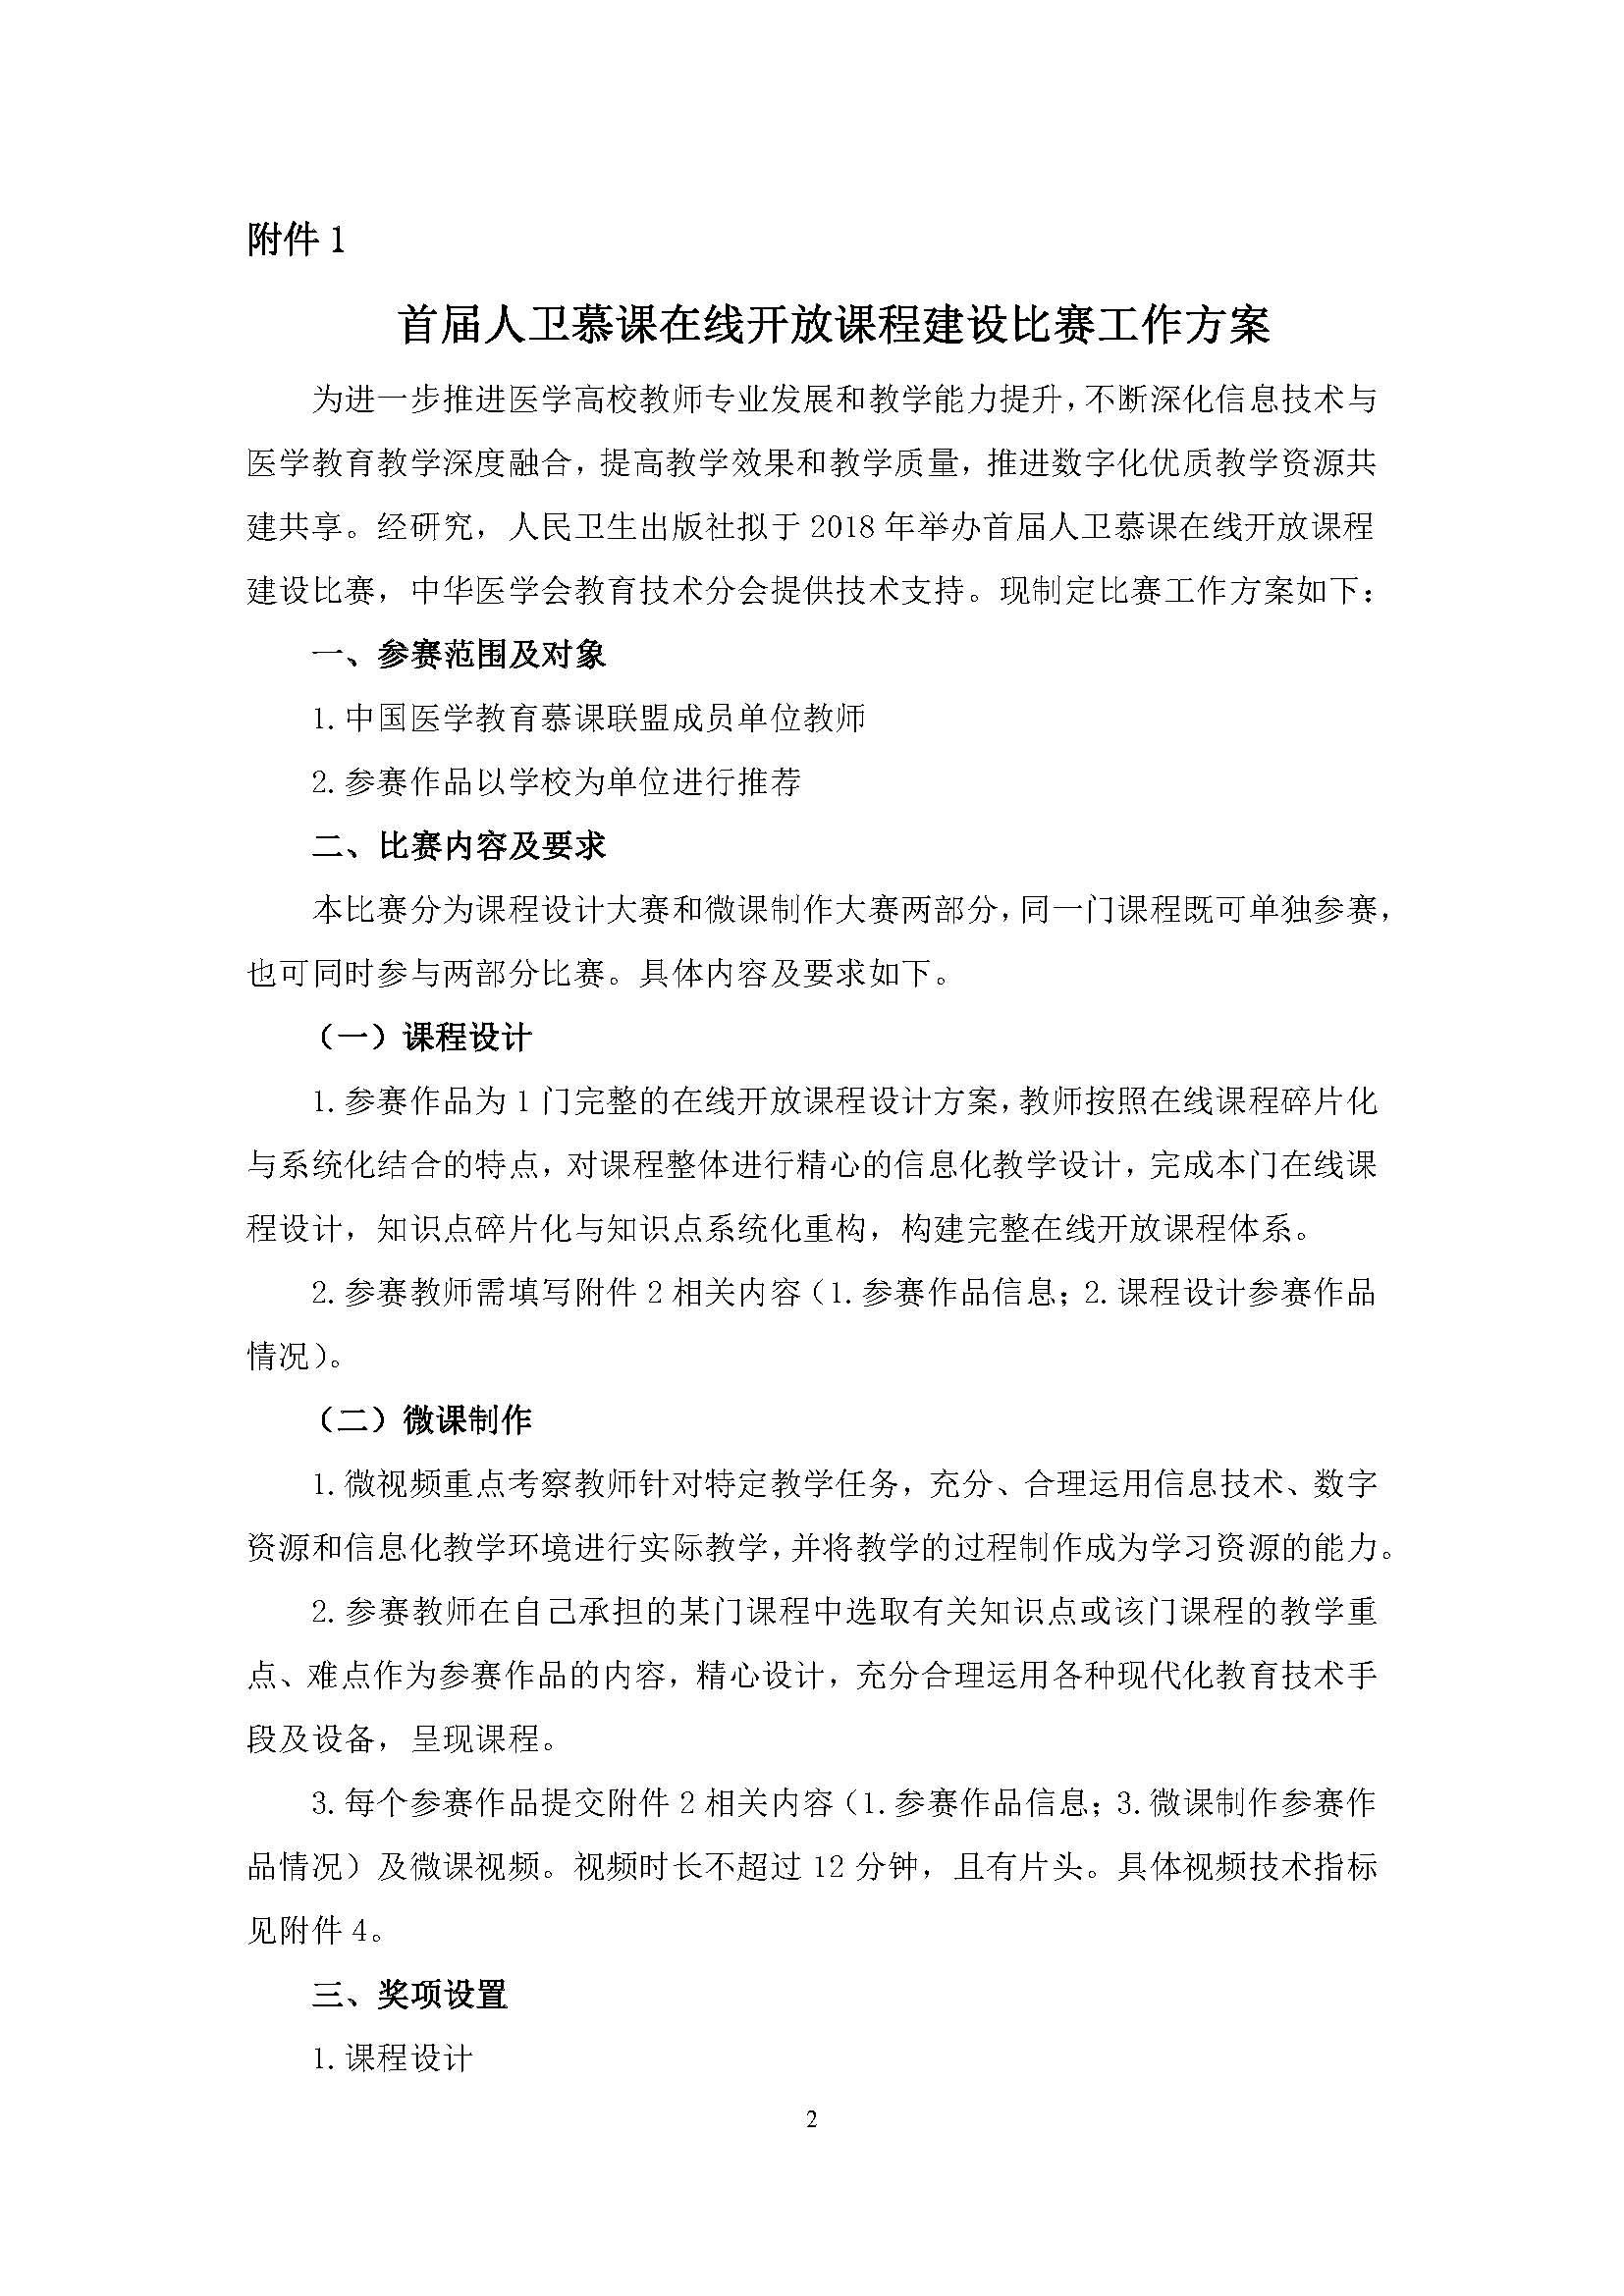 【通知final2】人卫慕课建设比赛通知(N版后,最终定稿)_页面_02.jpg